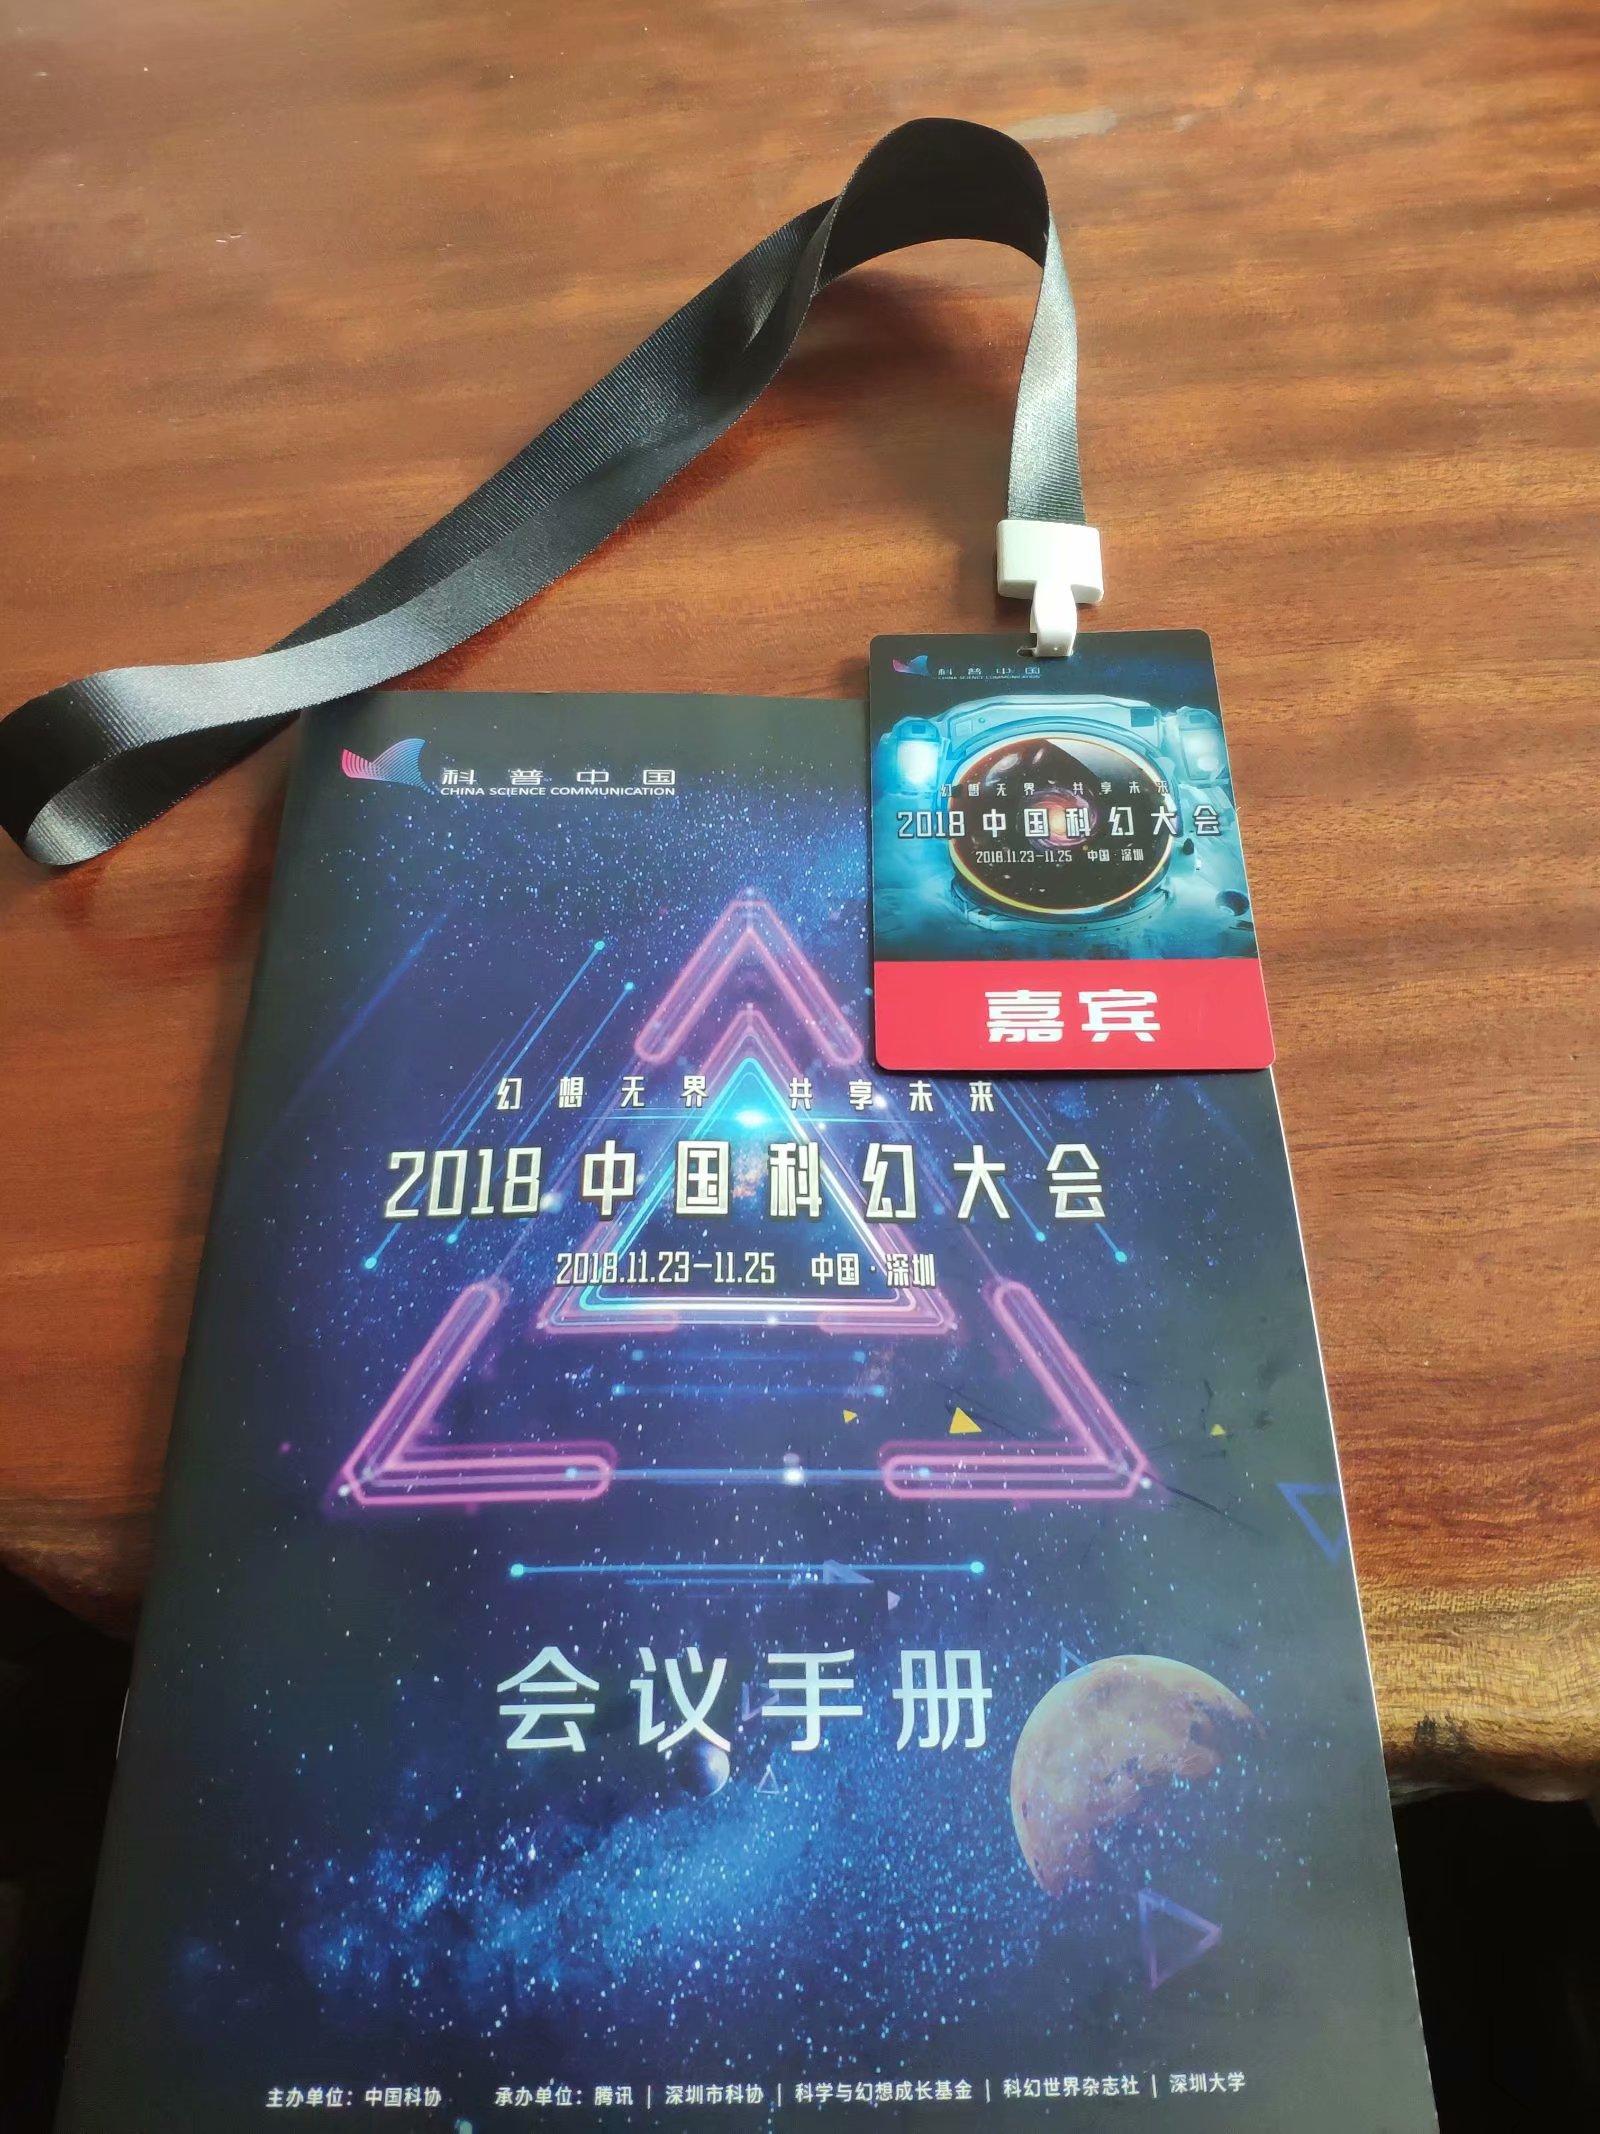 中国科幻大会嘉宾证和手册